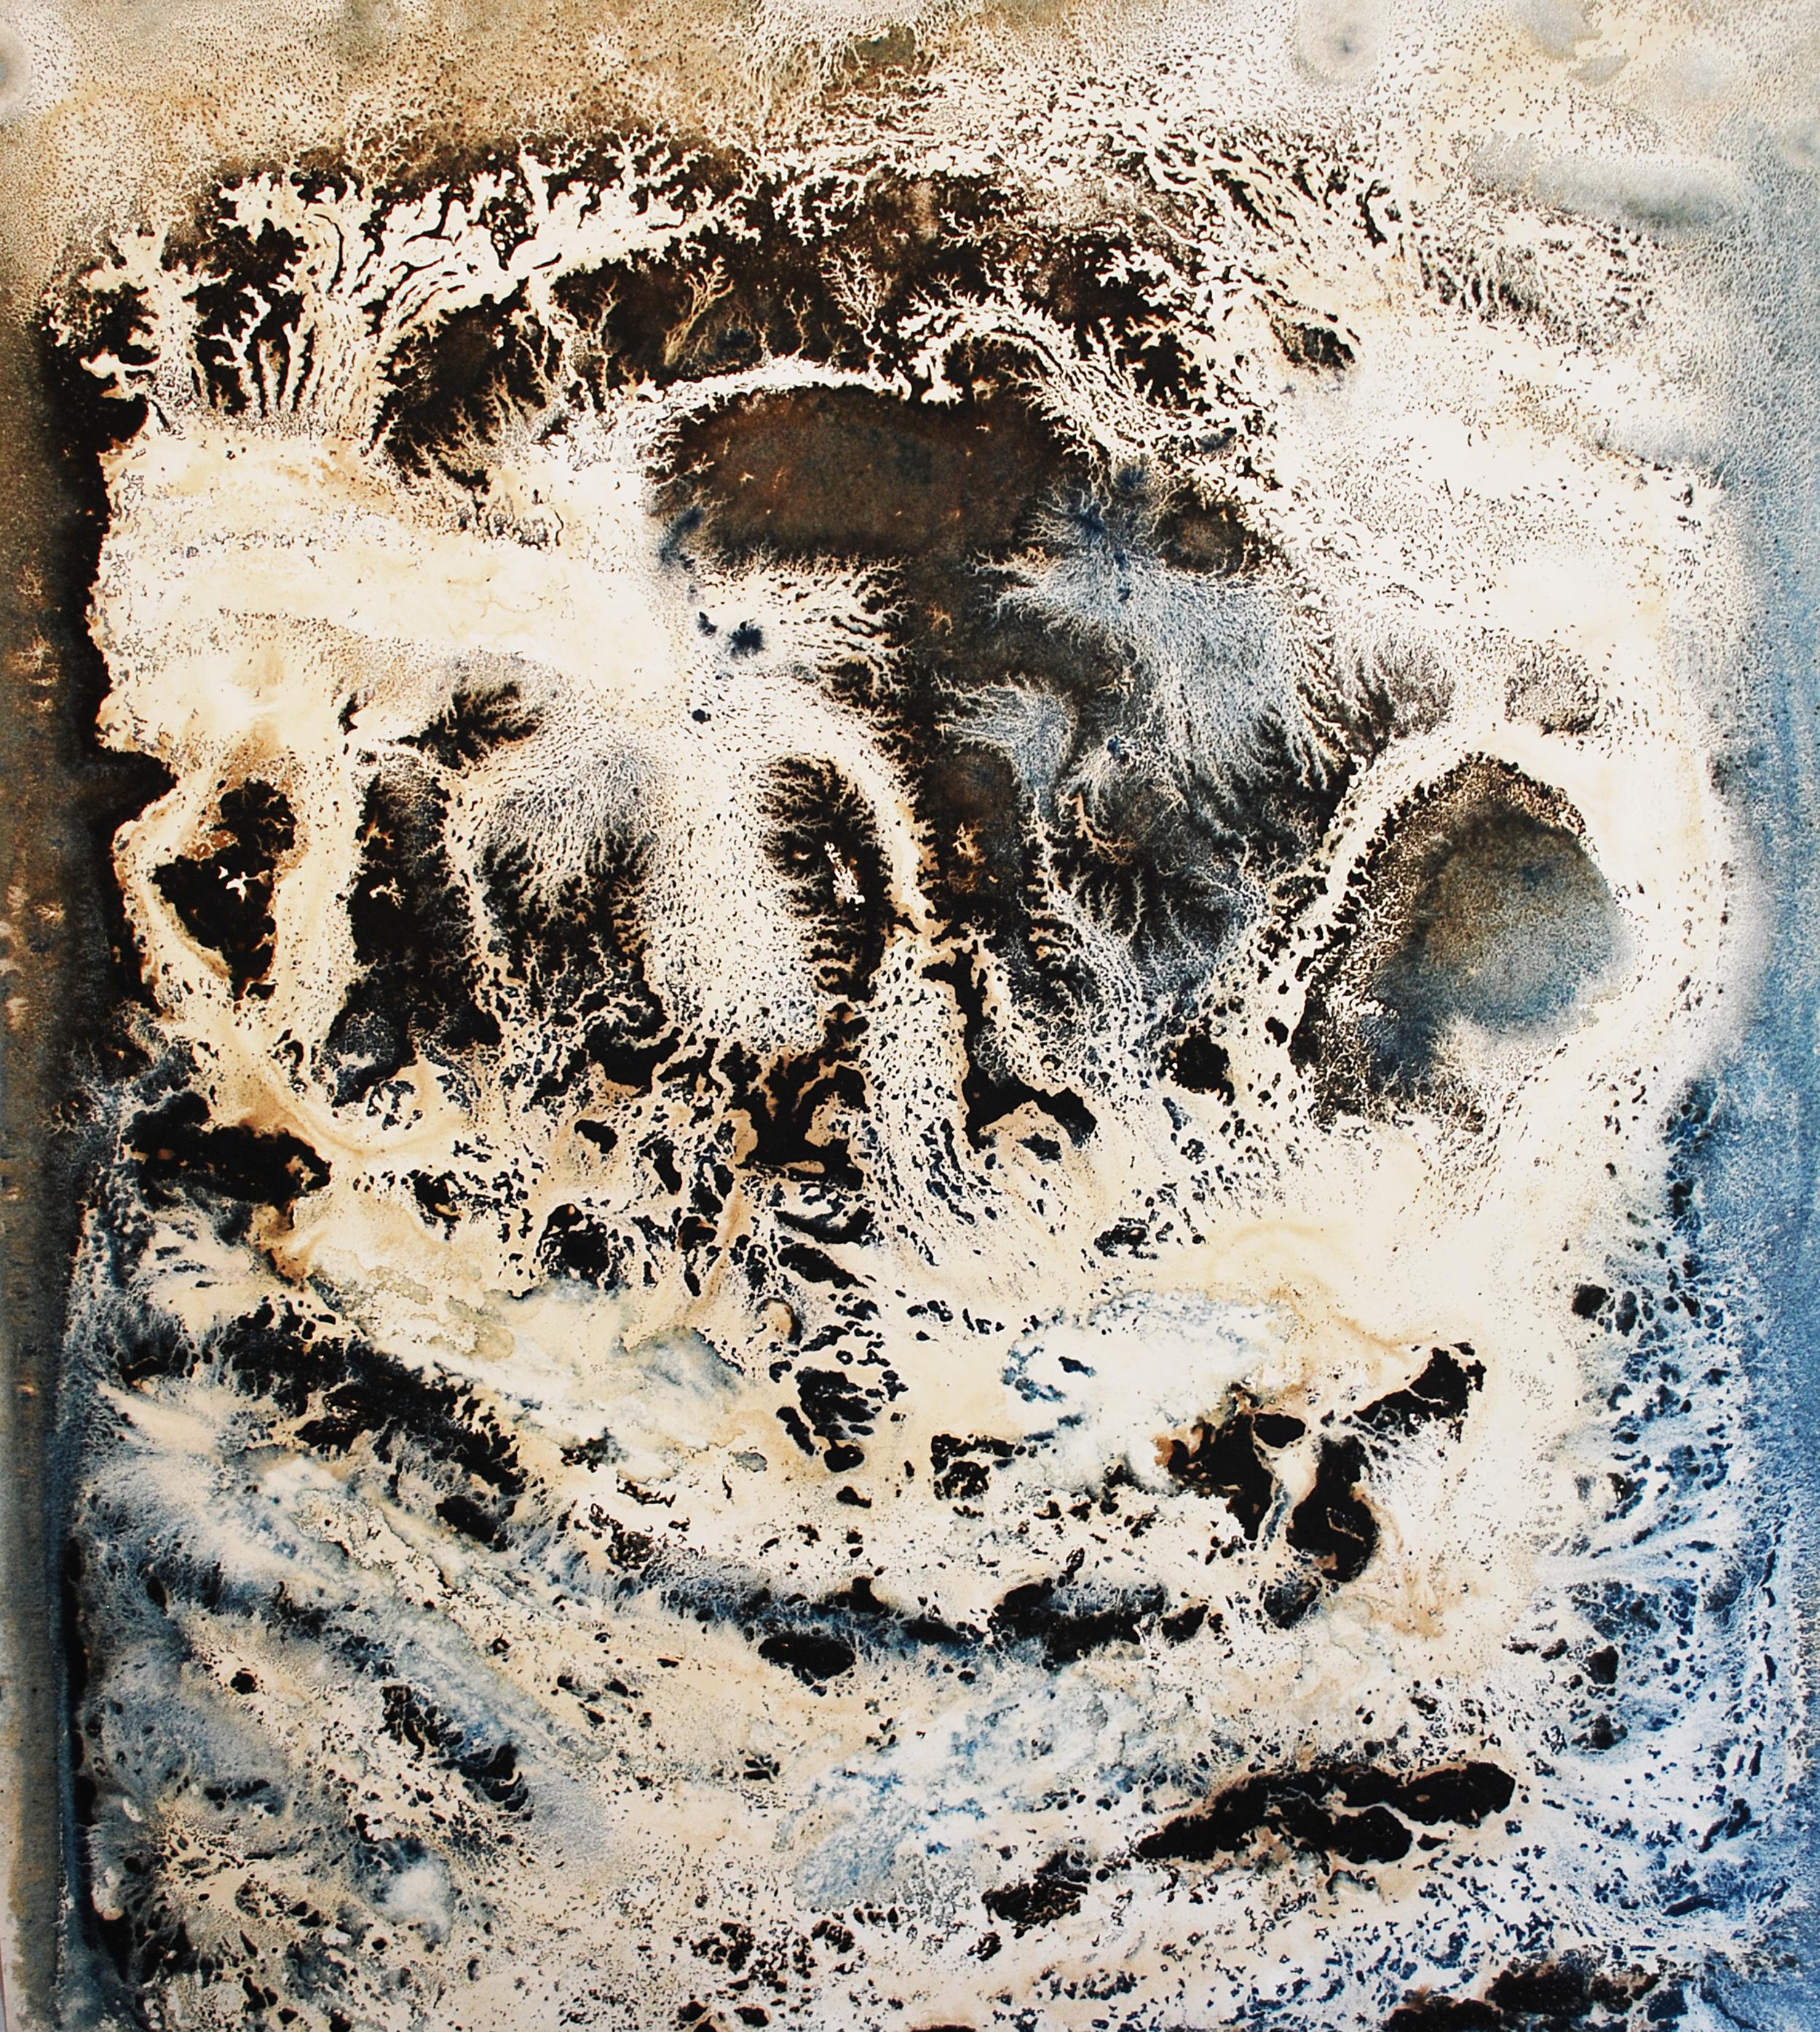 Le Grand Verre - AMORFI (5) - bitumen and oil on cotton paper